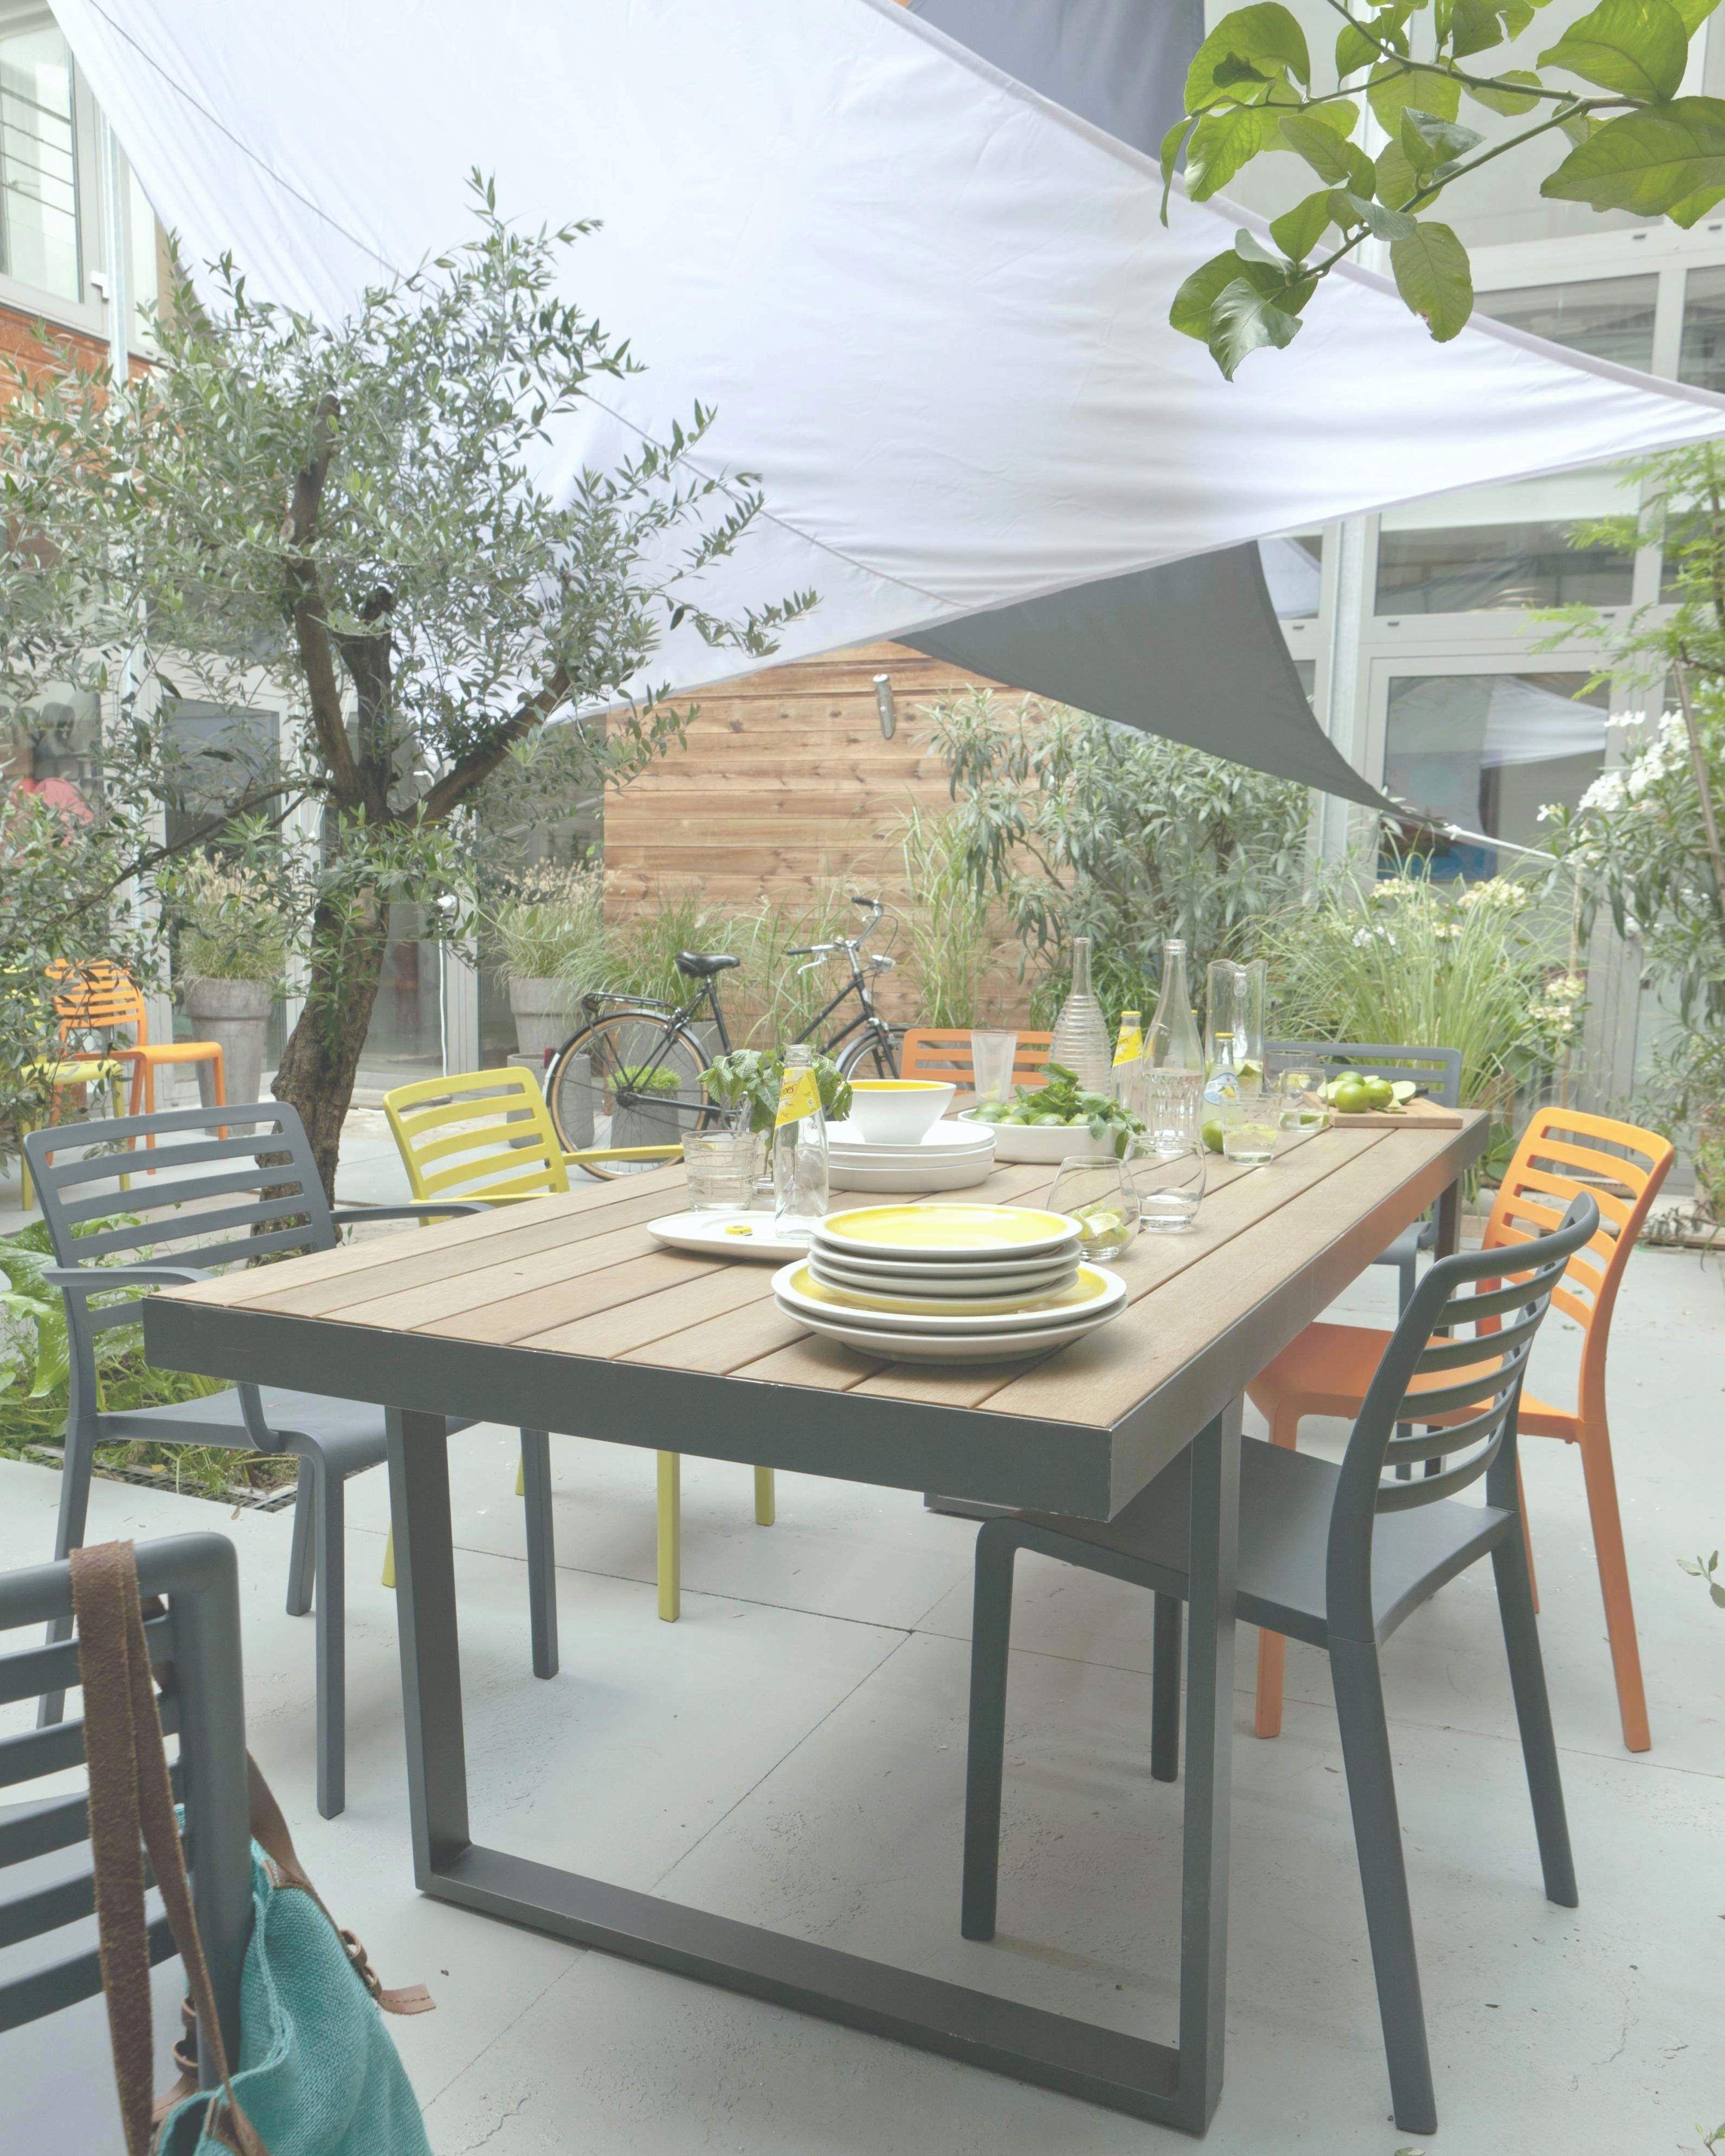 Awesome Castorama Devis Avec Images Salon De Jardin Table De Jardin